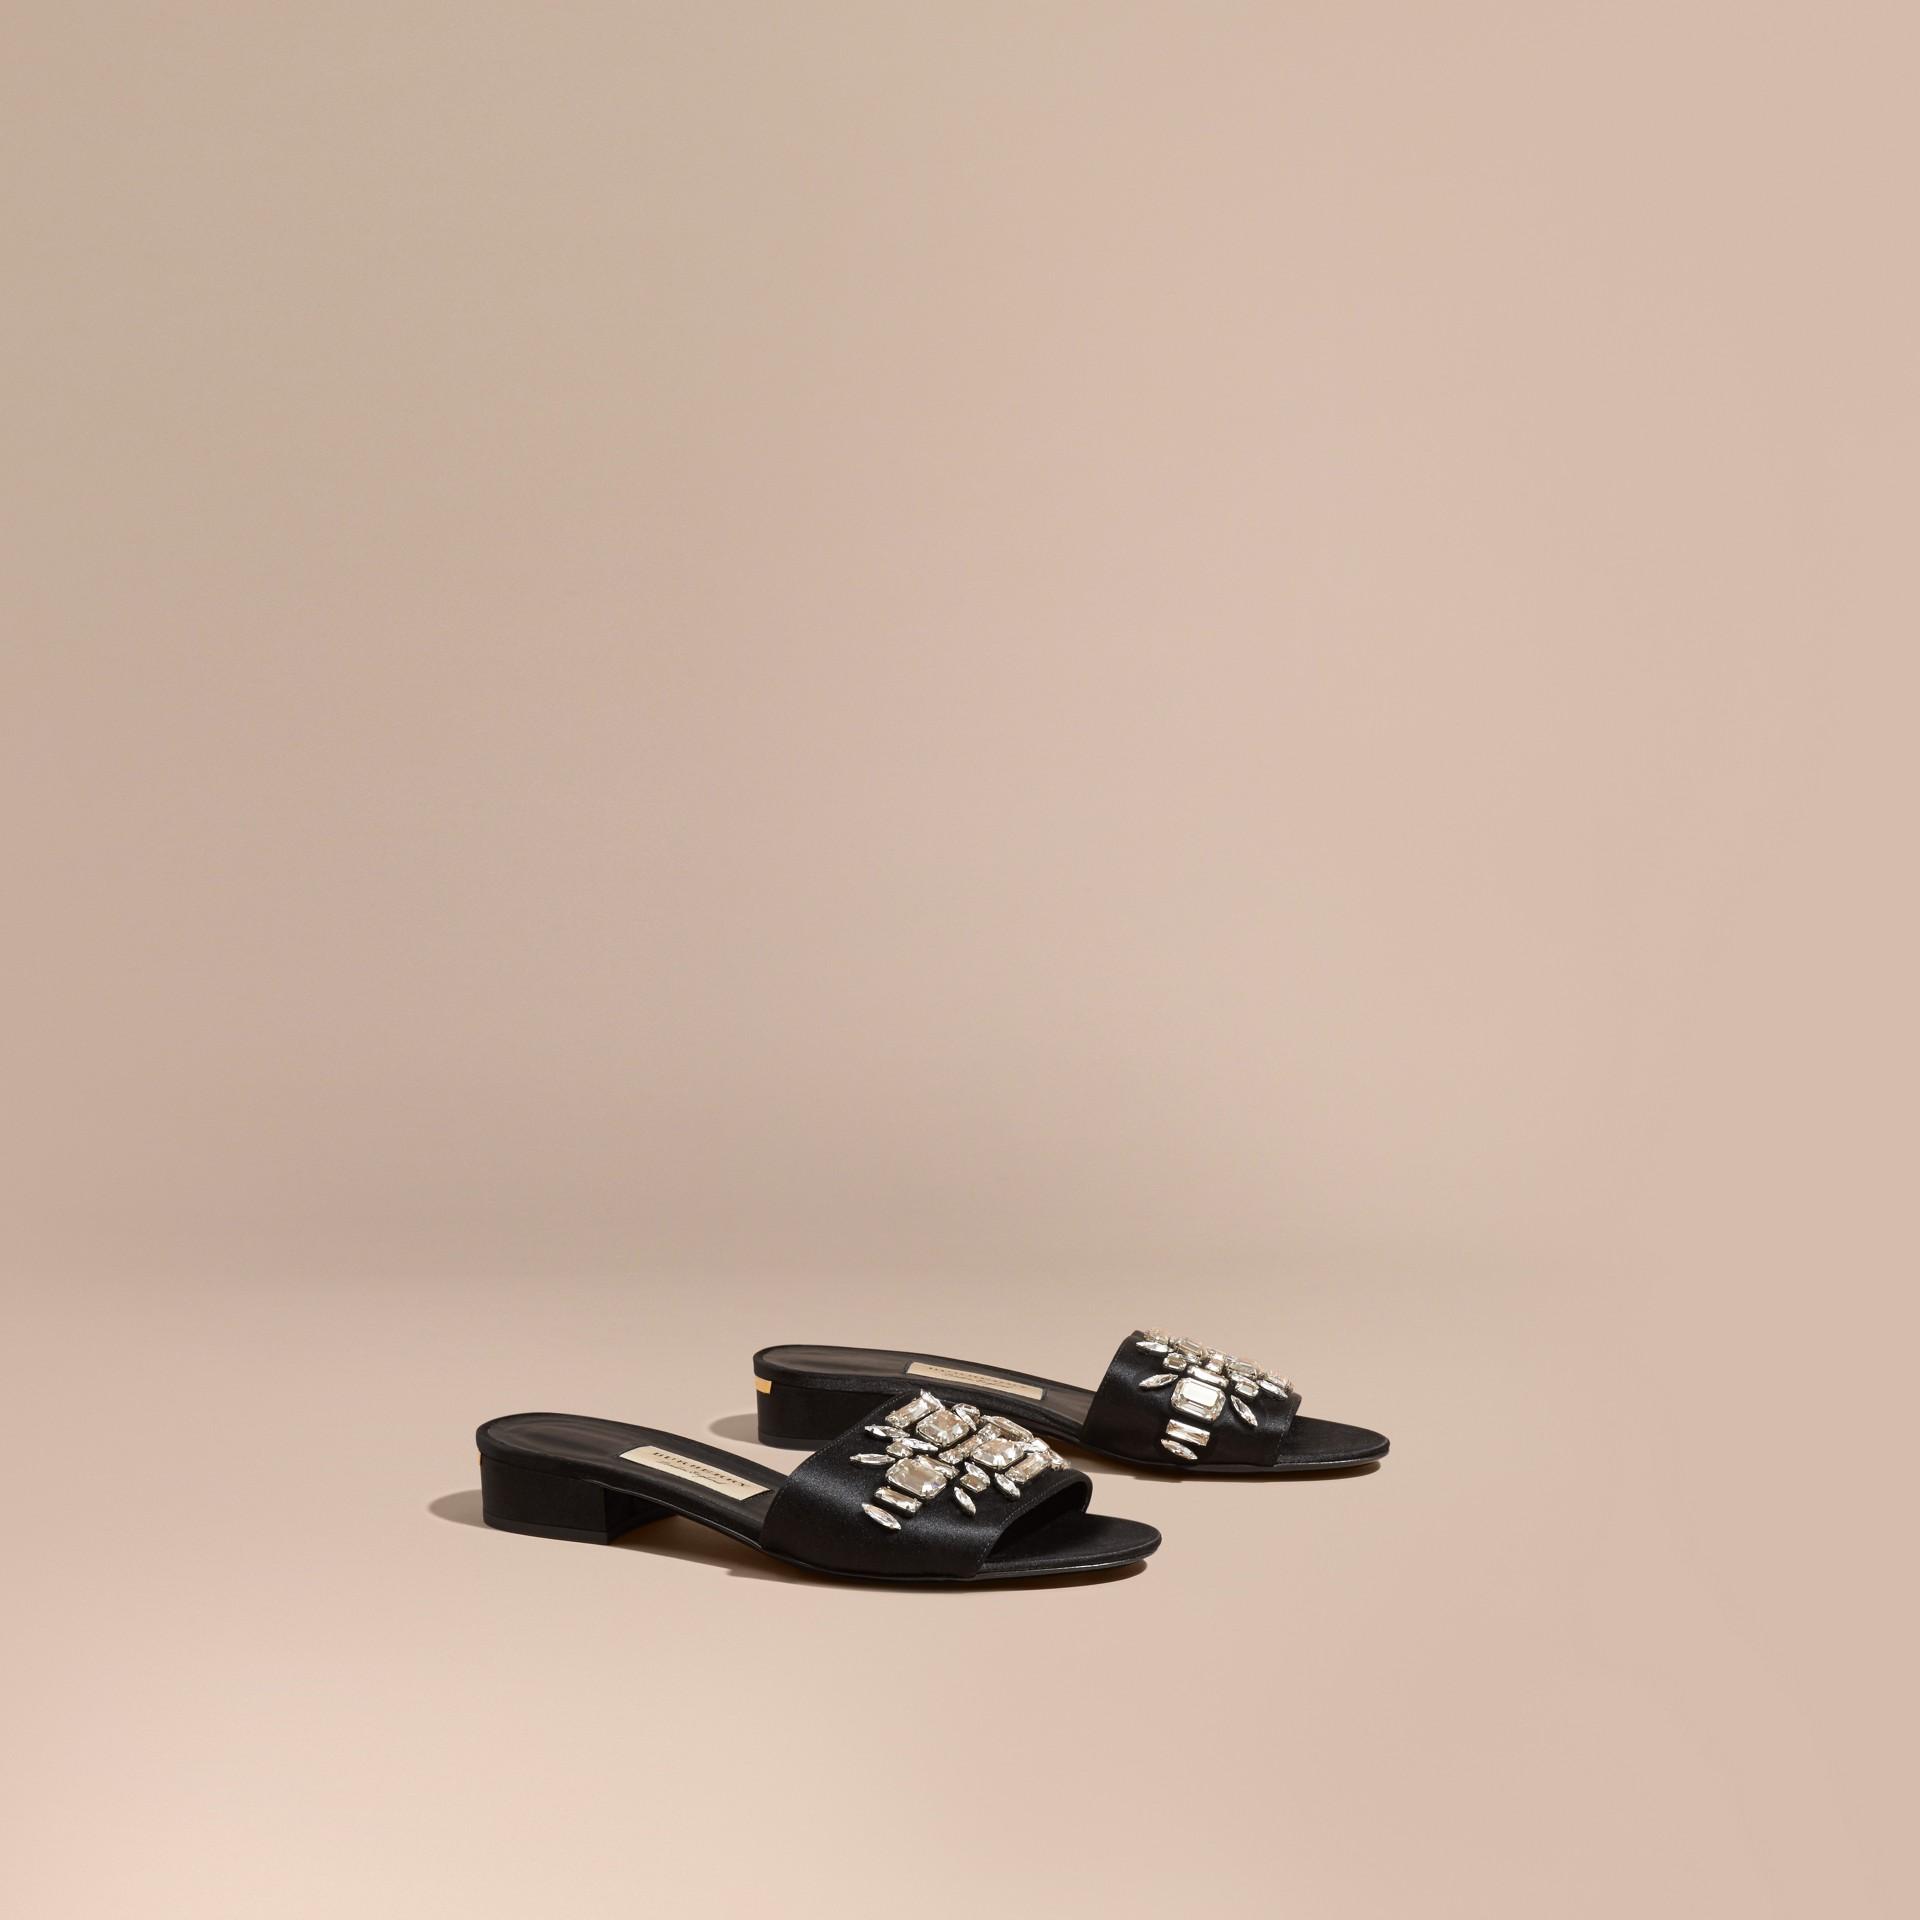 Schwarz Sandalen im Slipper-Design mit Schmucksteinen - Galerie-Bild 1